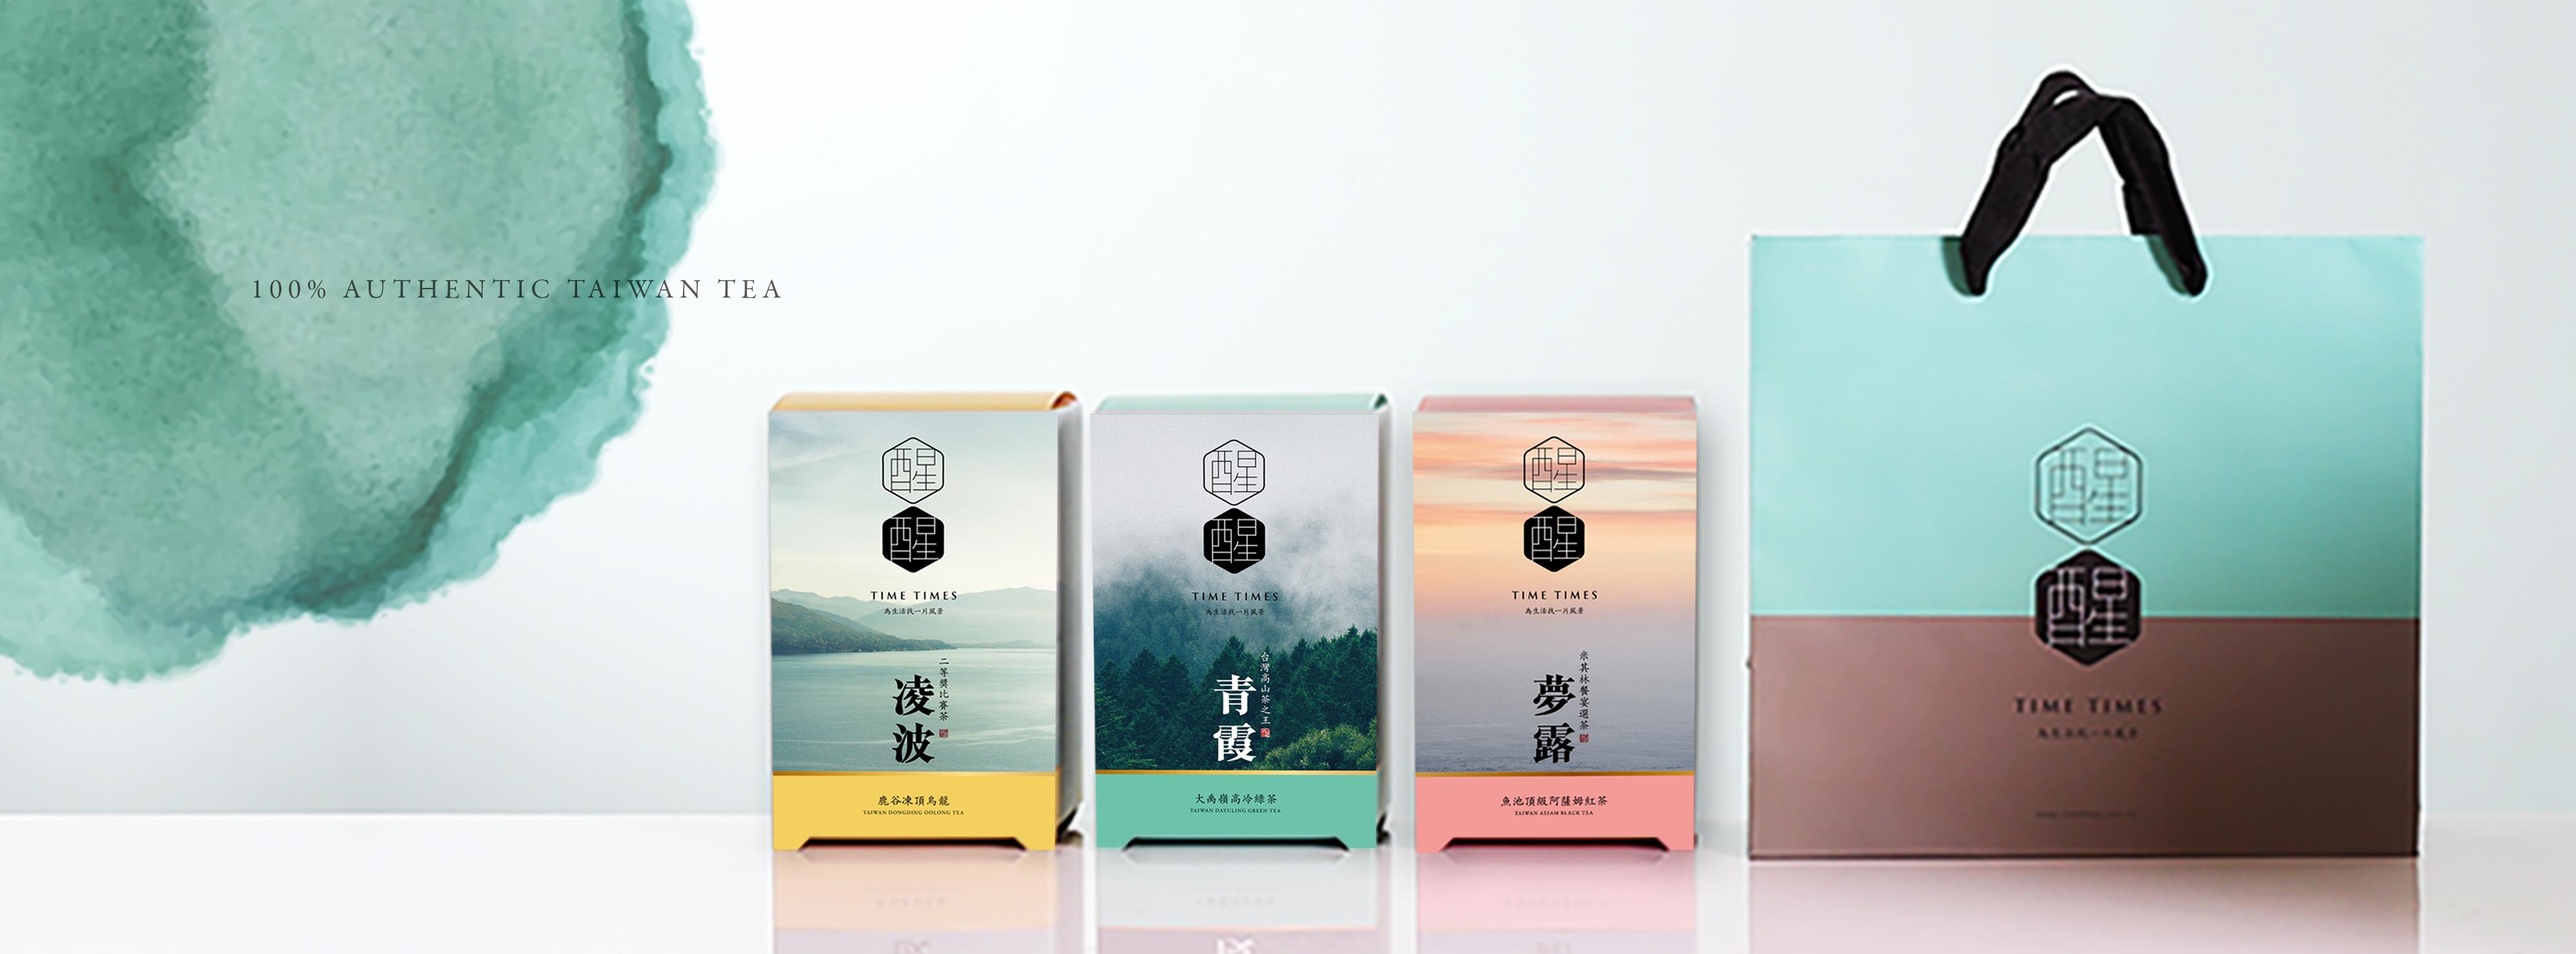 台灣高山茶包,紅茶,綠茶,烏龍茶